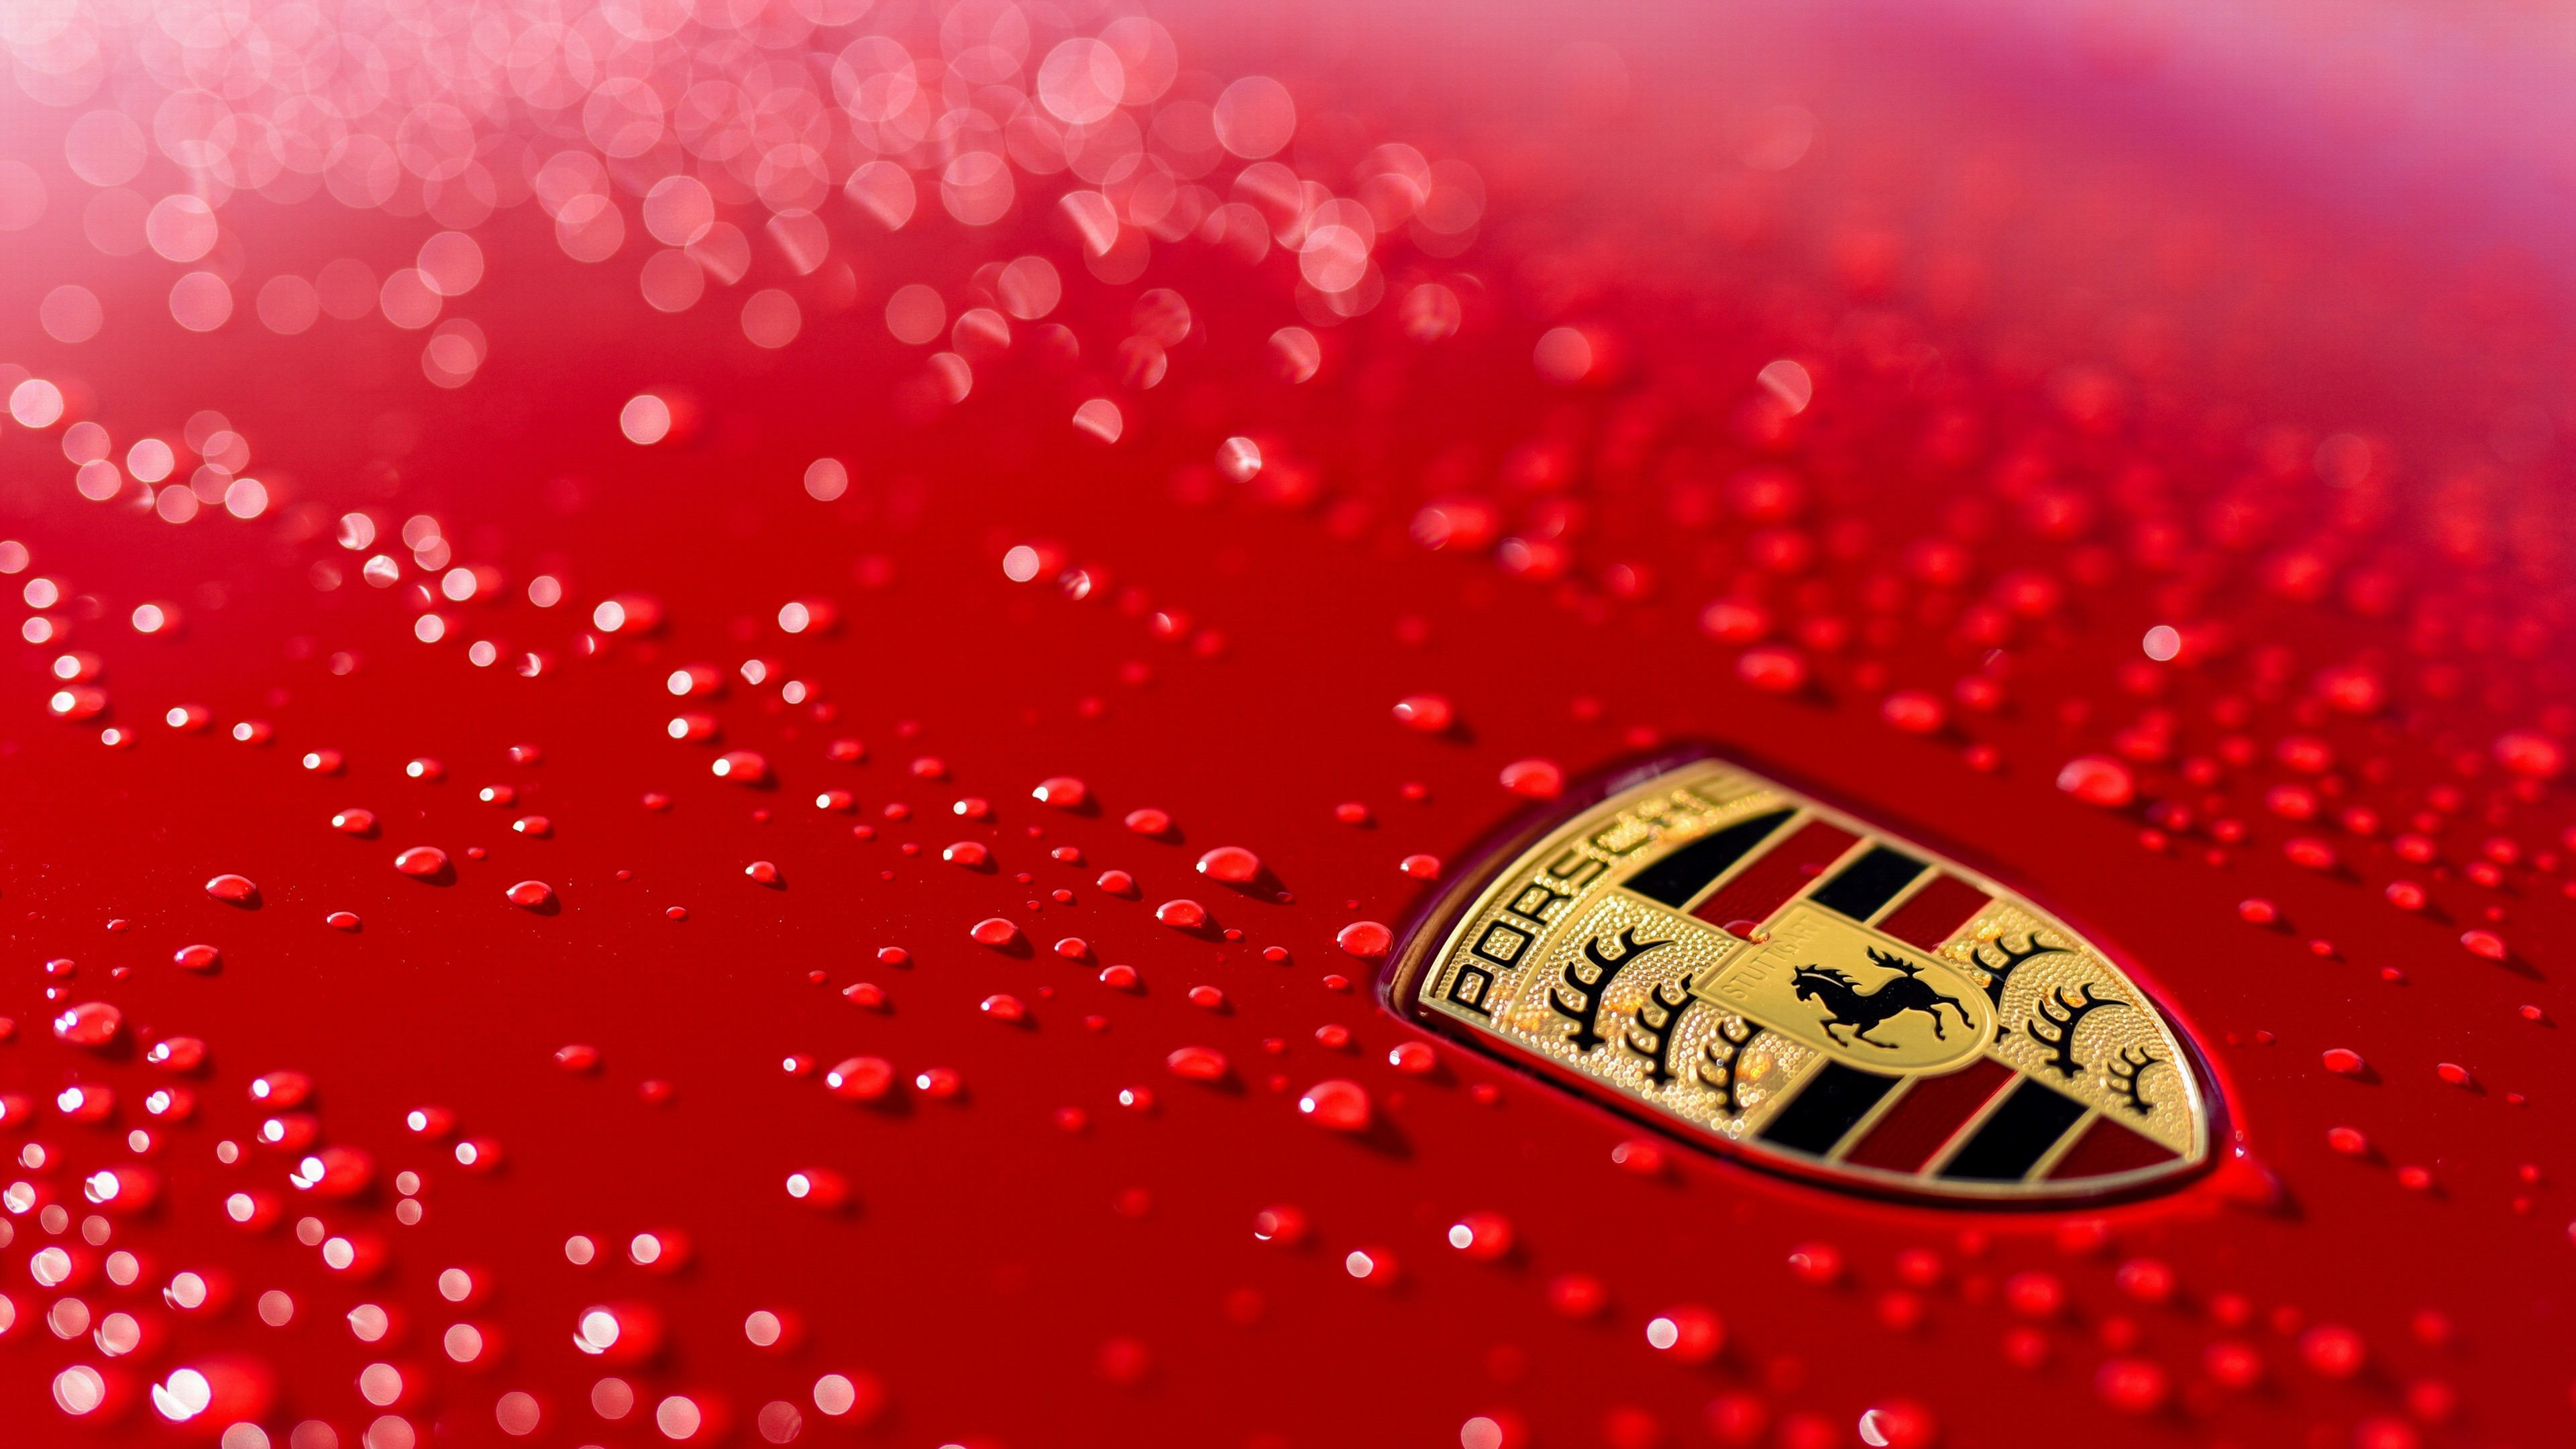 1920x1080 Porsche Panamera S Car HD Wallpaper